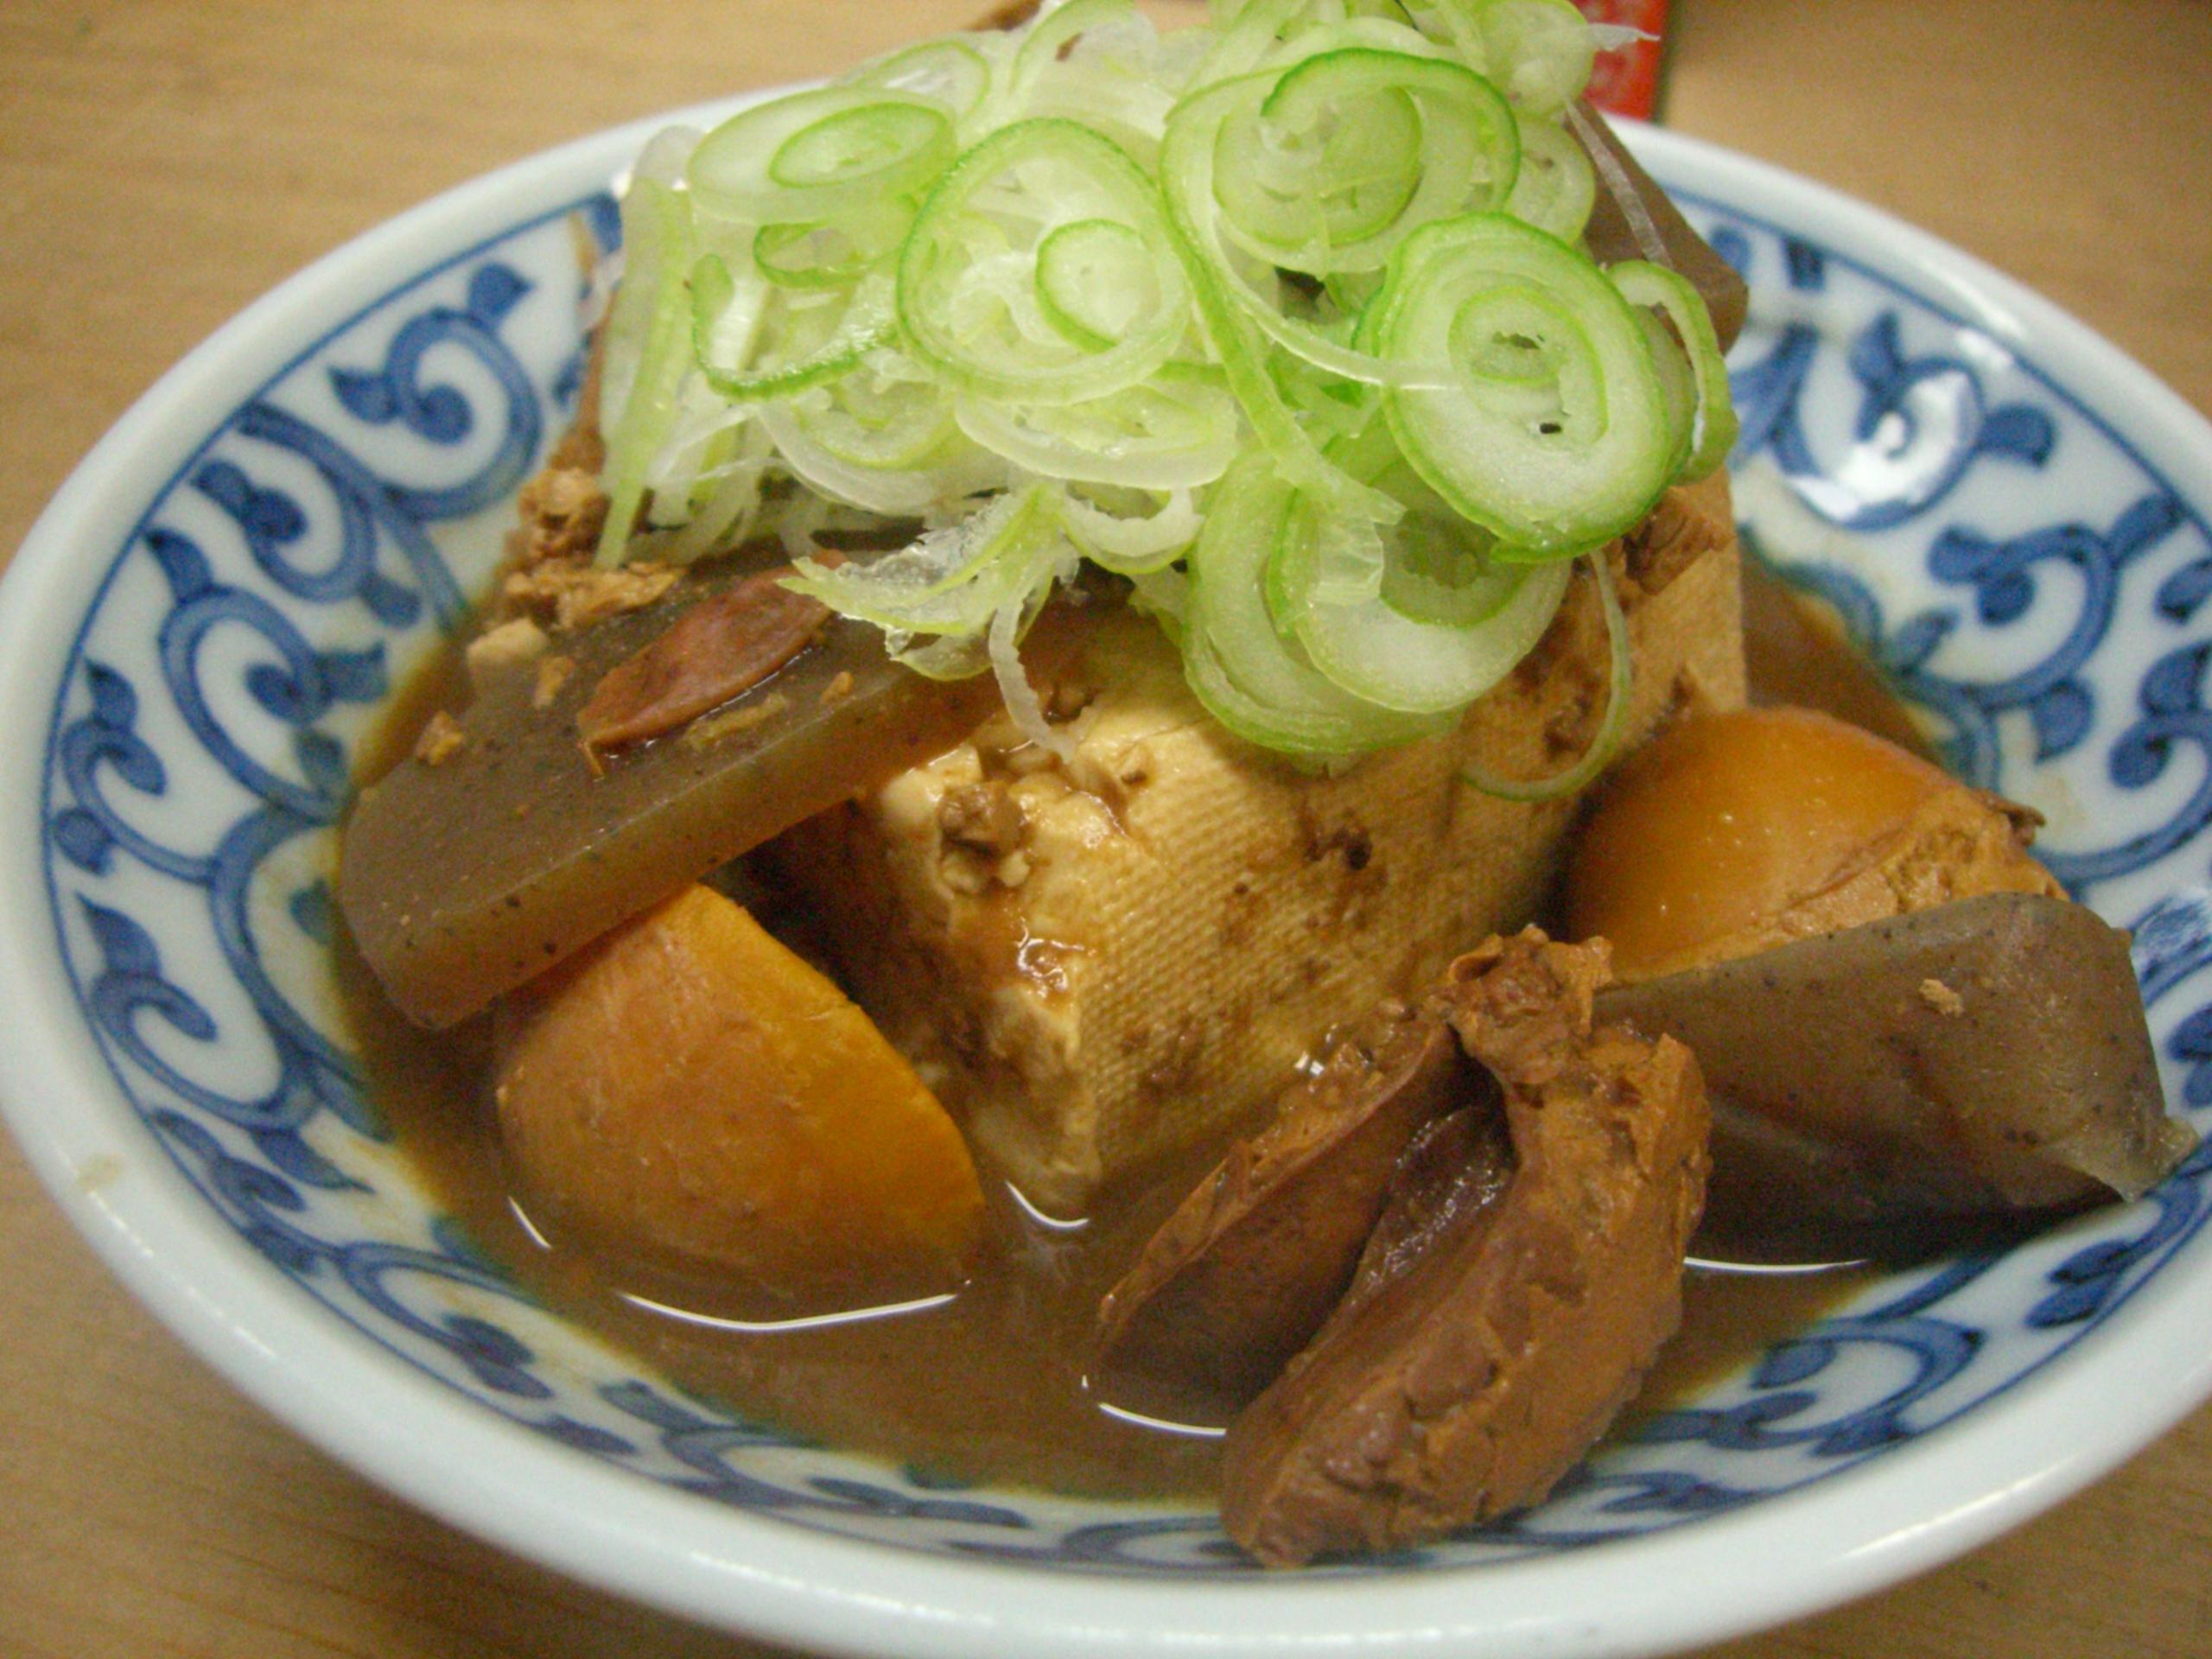 末廣酒場 煮込み豆腐